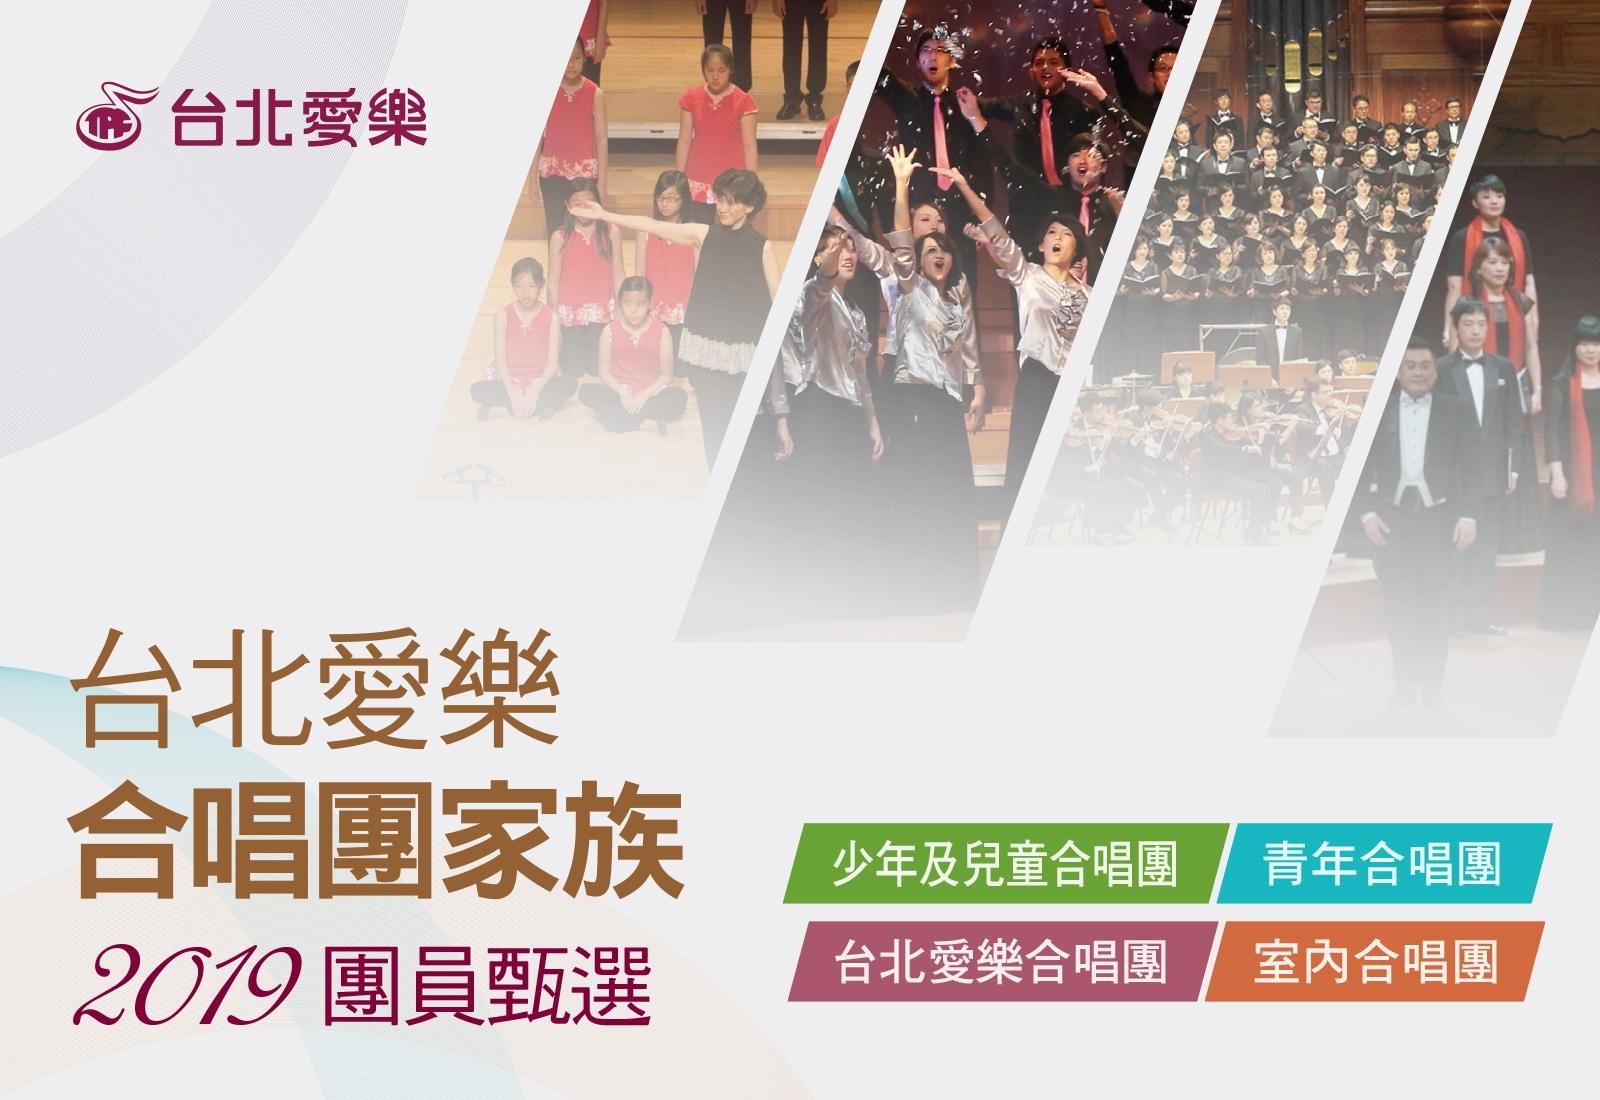 2019 台北愛樂合唱家族甄選順序